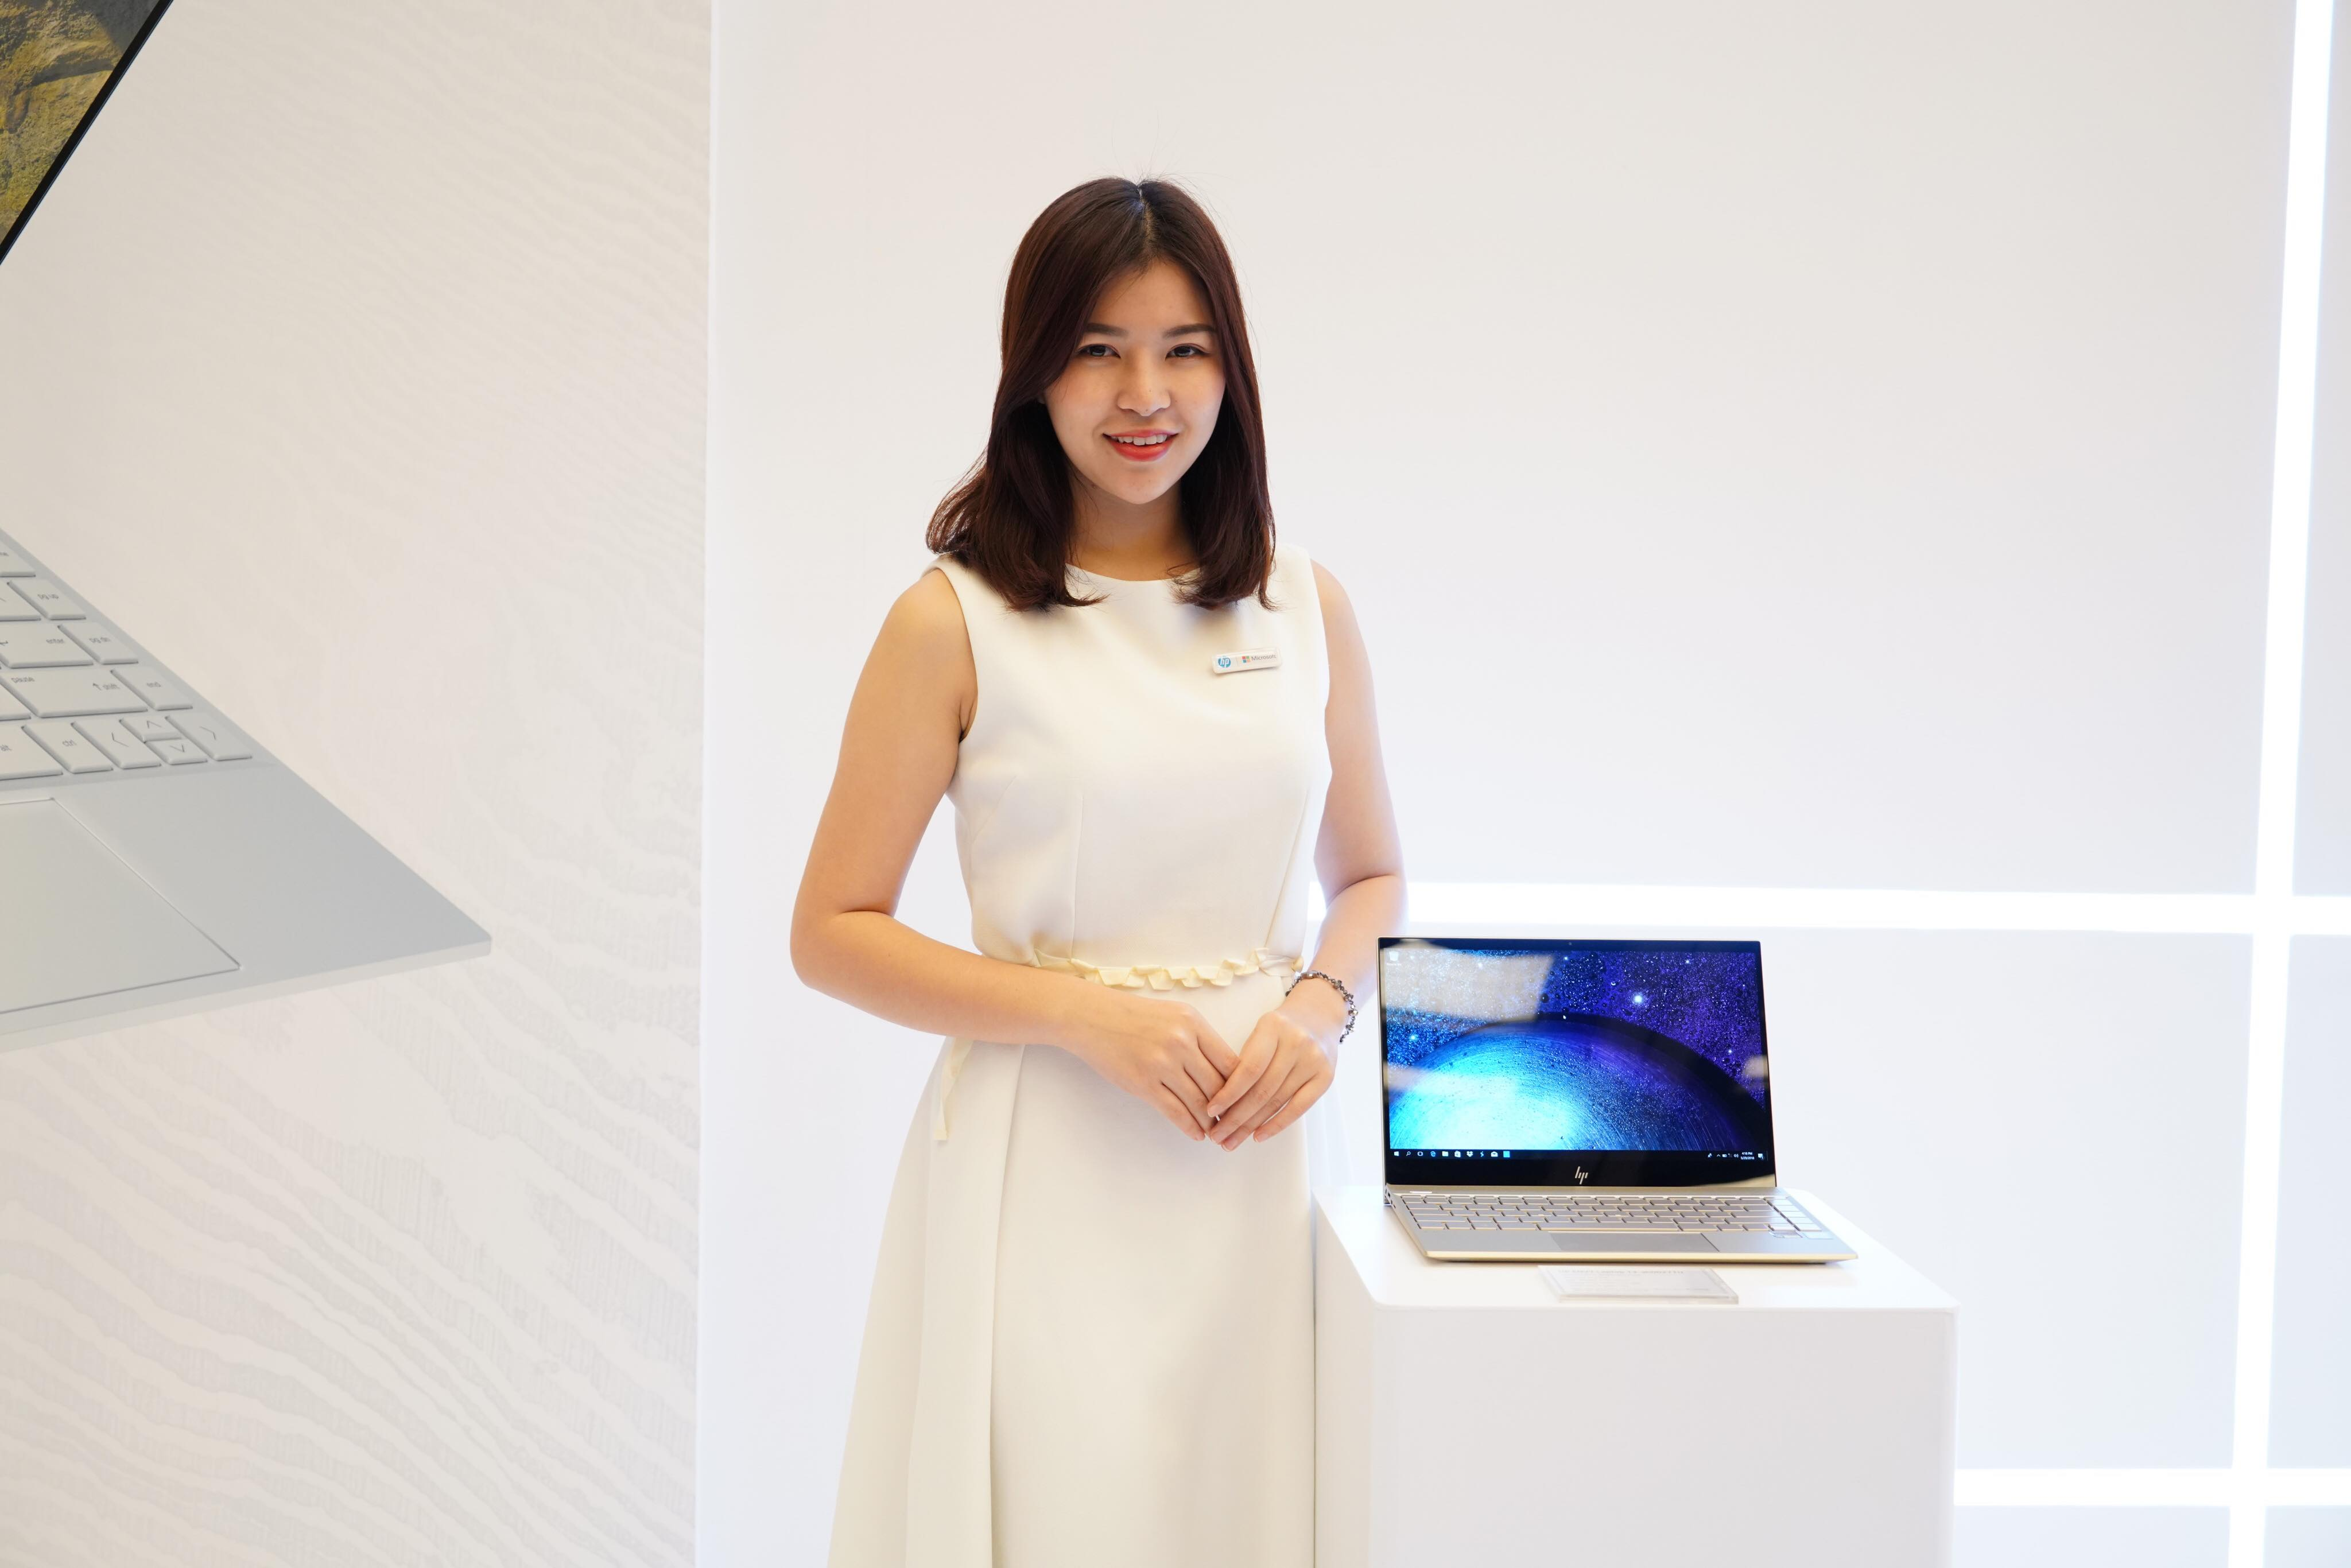 HP Envy 13 ra mắt, giá từ 21 triệu